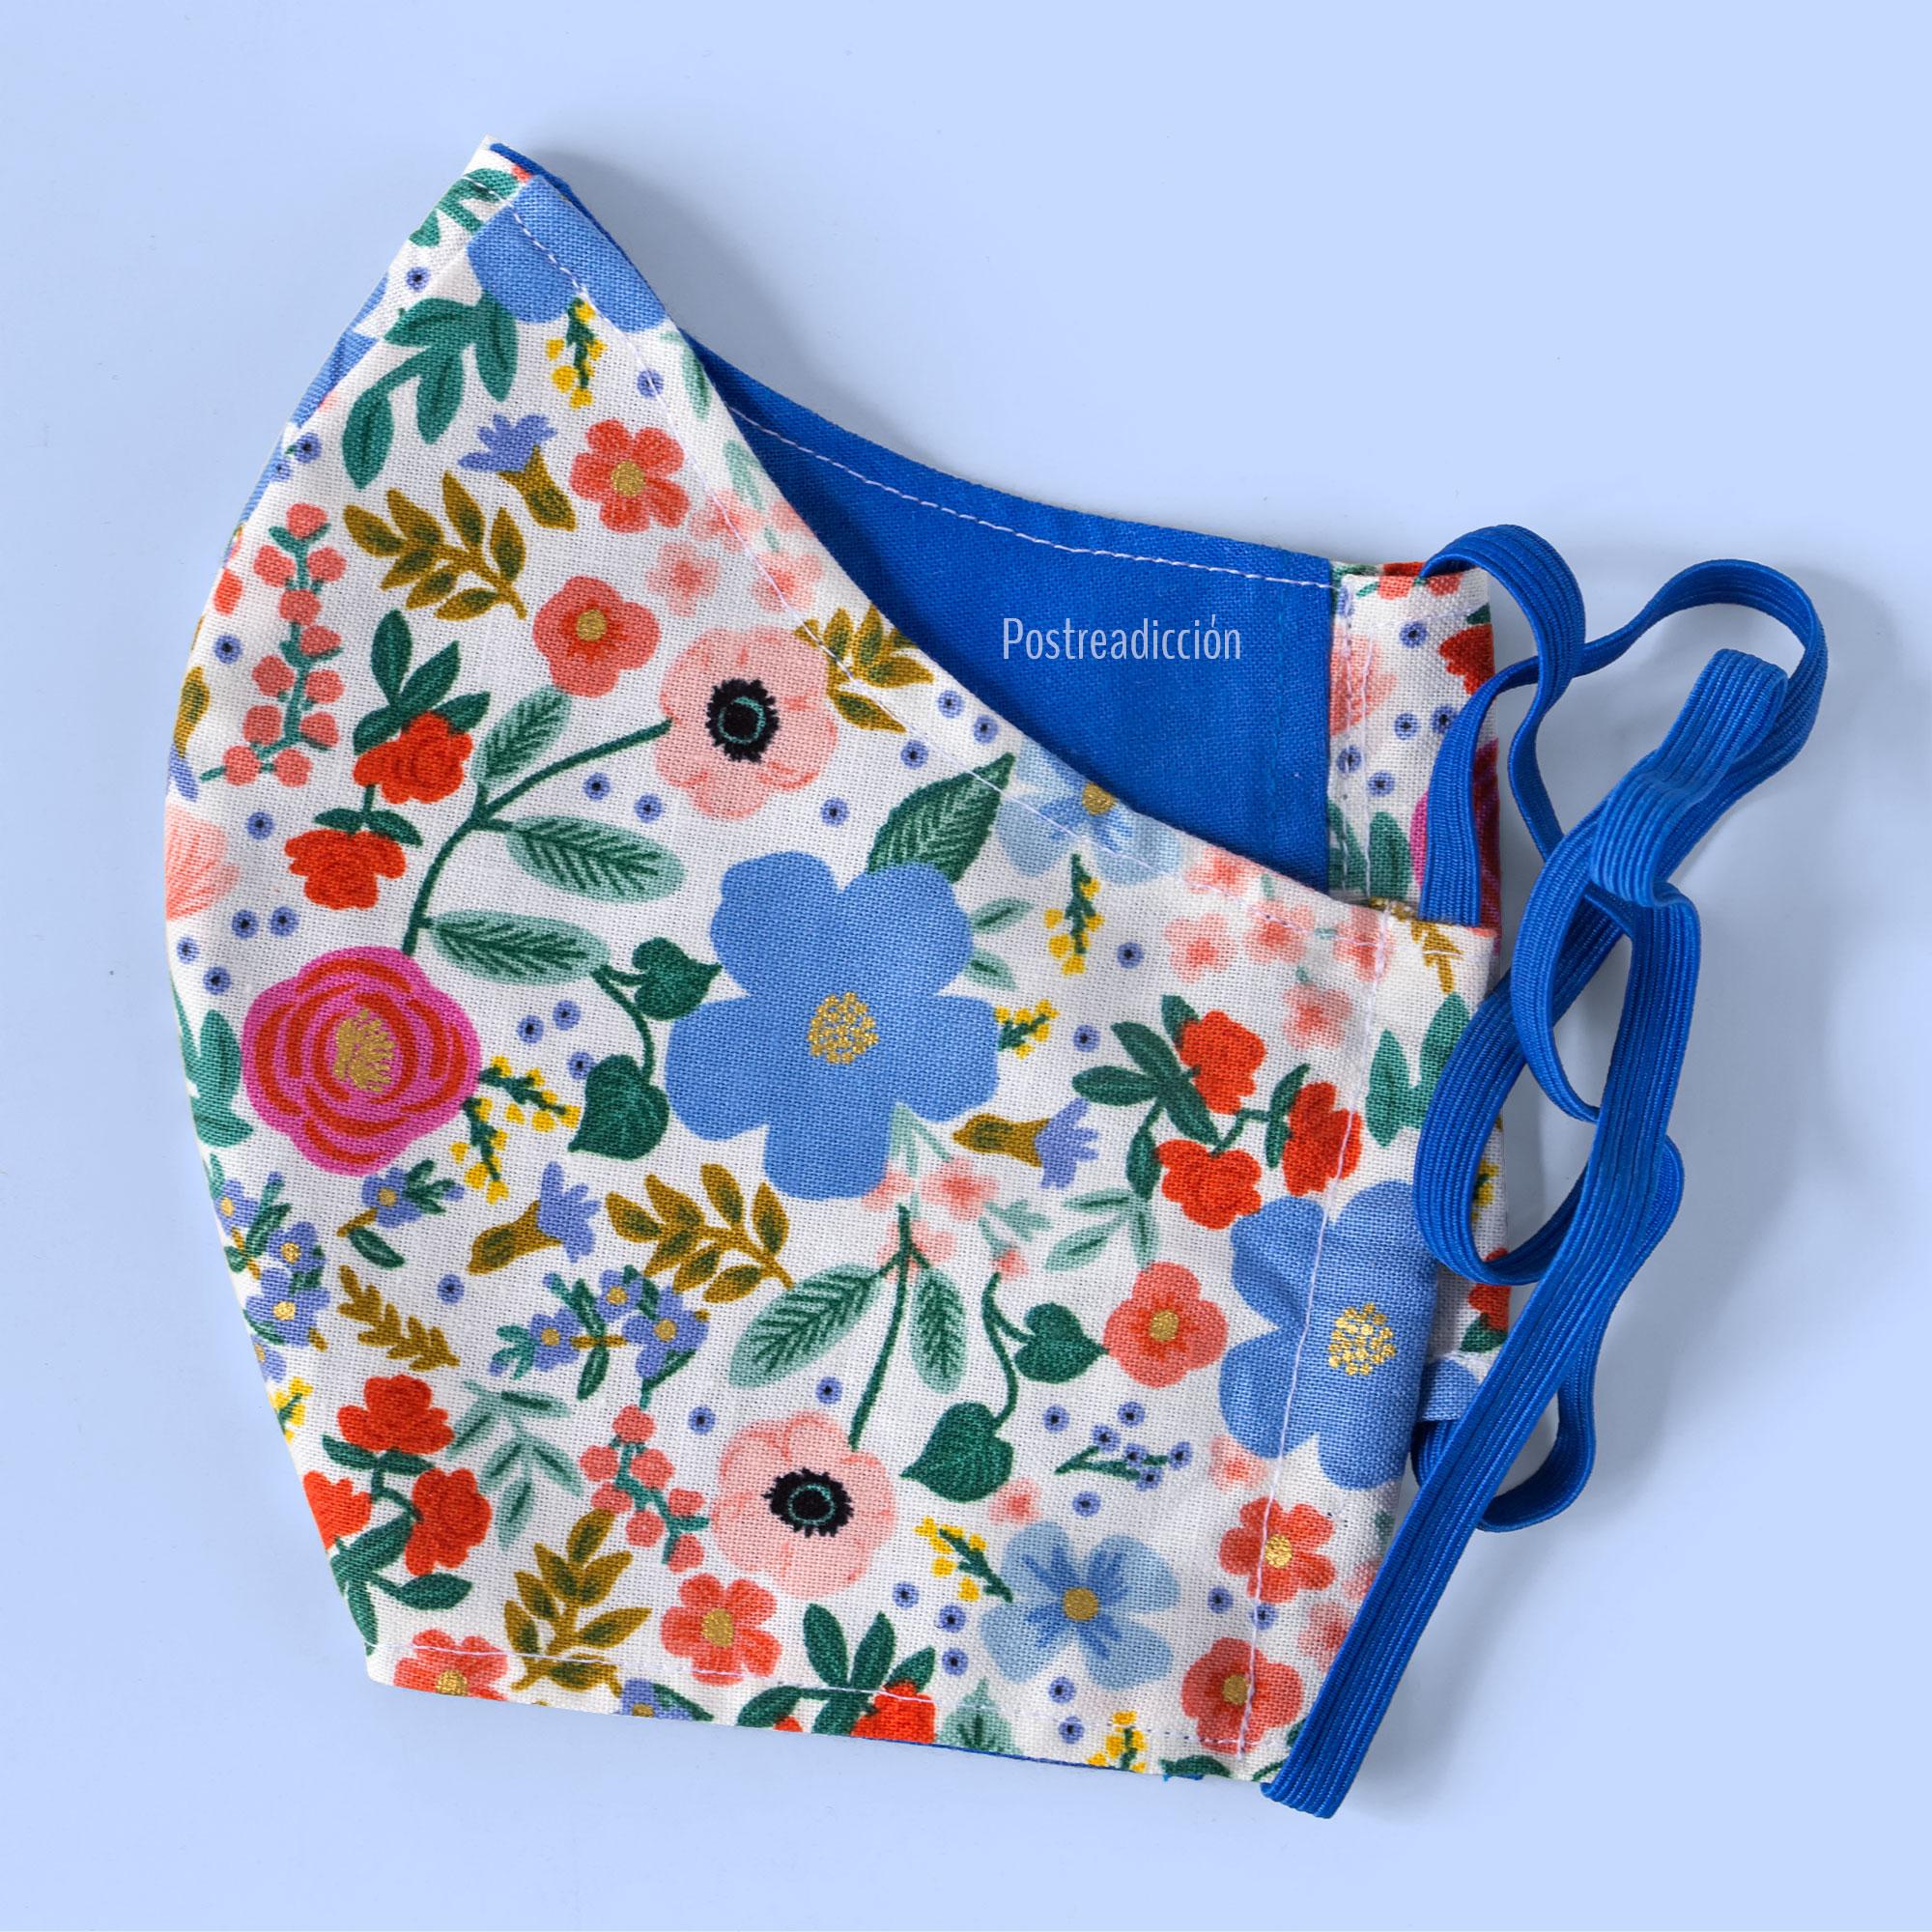 Imagen de producto: https://tienda.costuradiccion.com/img/articulos/secundarias13485-tela-primavera-wild-rose-crema-algodon-con-metalizado-media-yarda-6.jpg